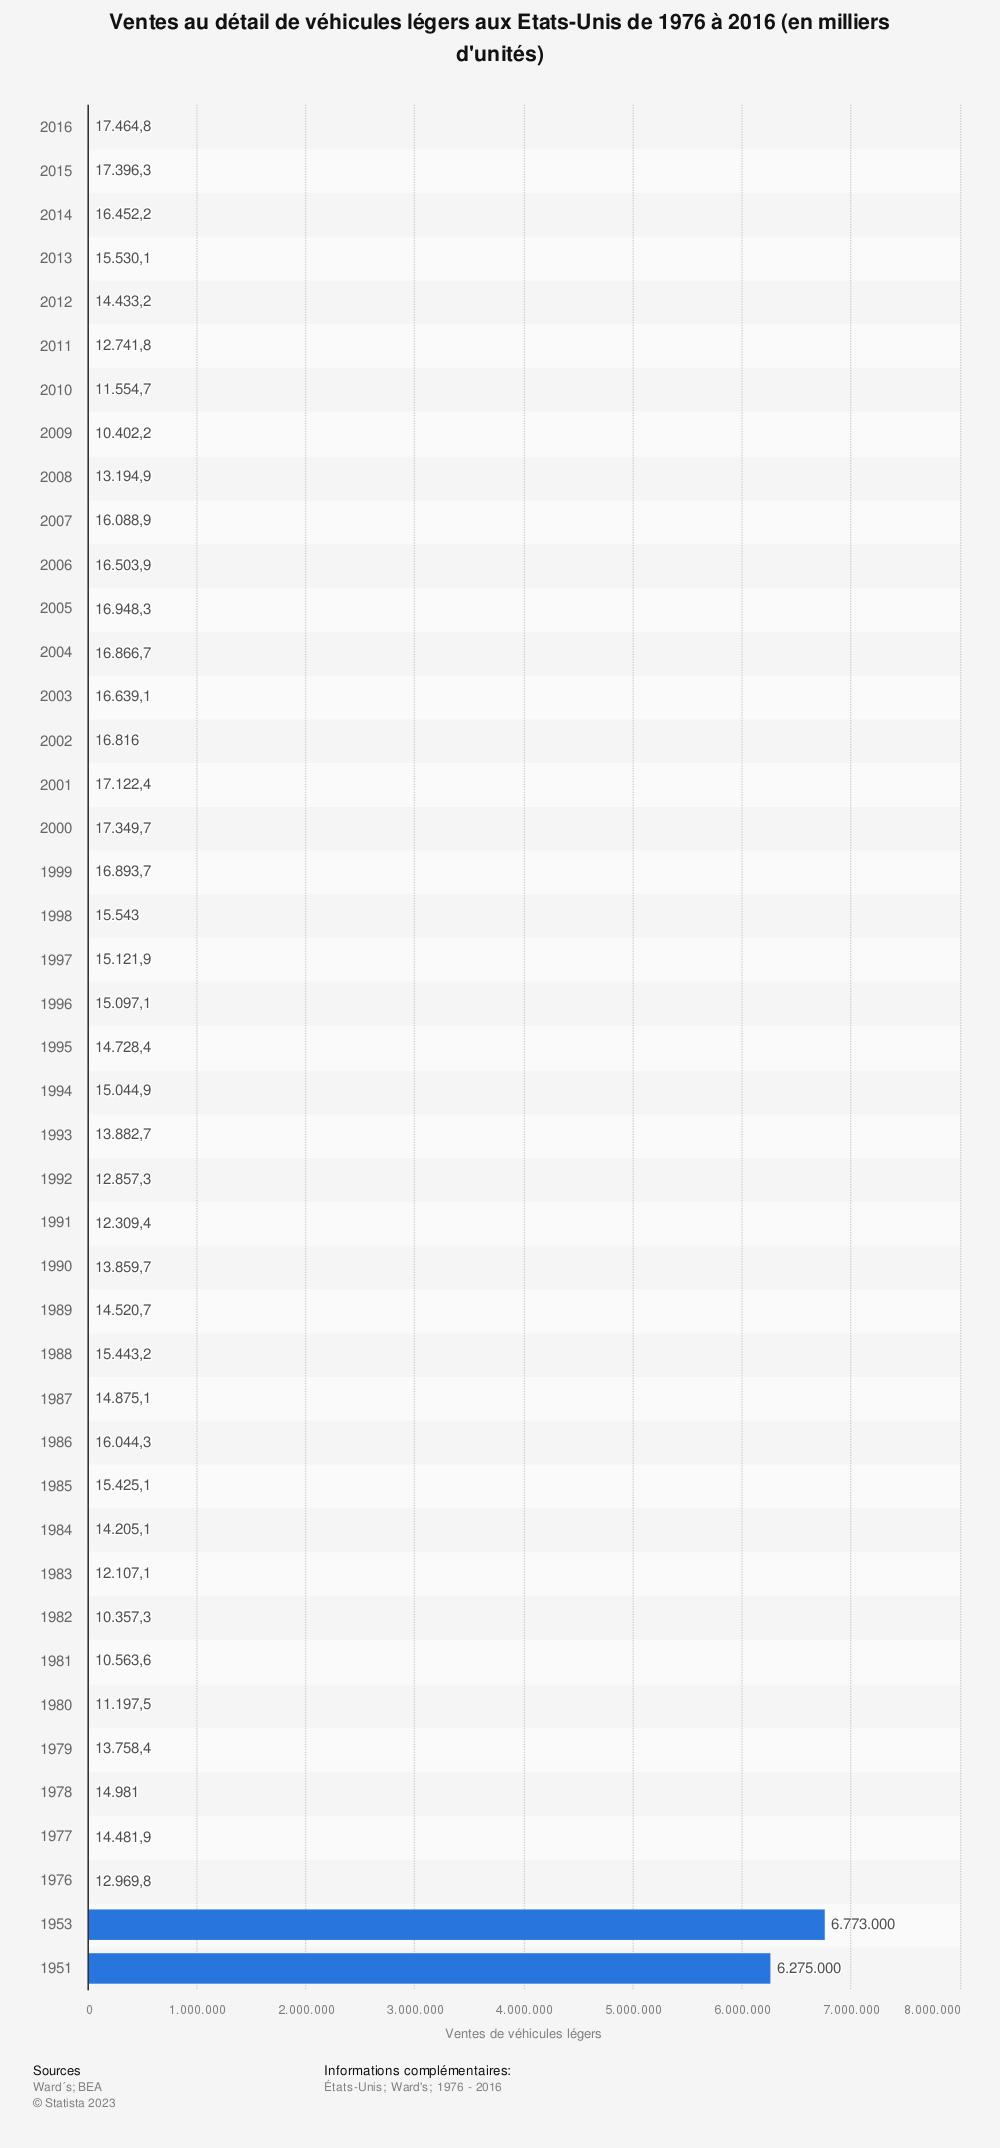 Statistique: Ventes au détail de véhicules légers aux Etats-Unis de 1976 à 2016 (en milliers d'unités) | Statista